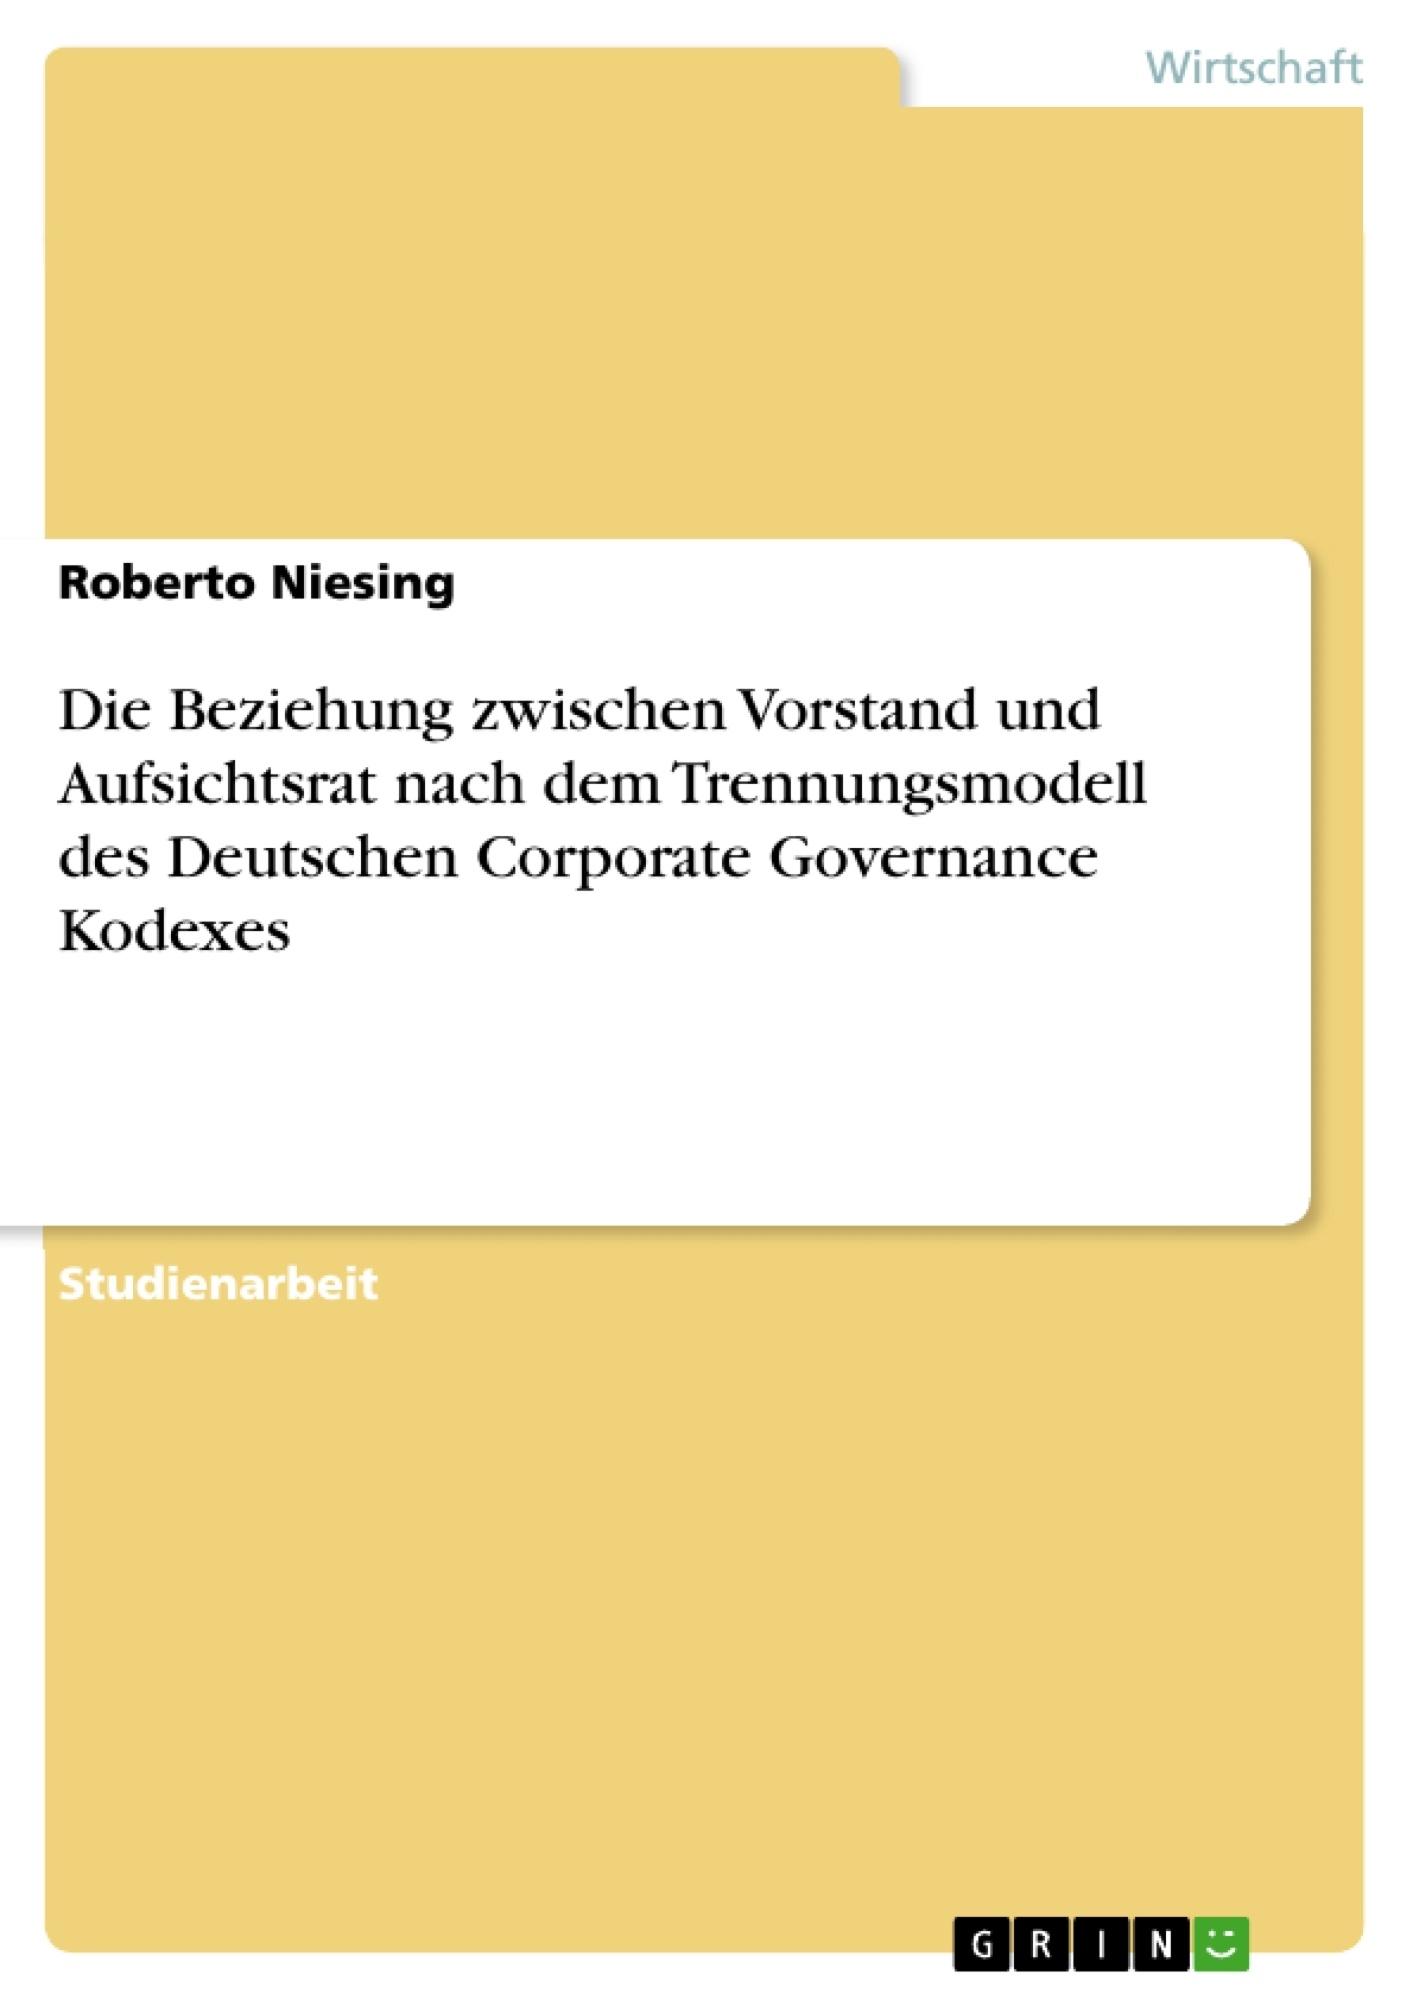 Titel: Die Beziehung zwischen Vorstand und Aufsichtsrat nach dem Trennungsmodell des Deutschen Corporate Governance Kodexes